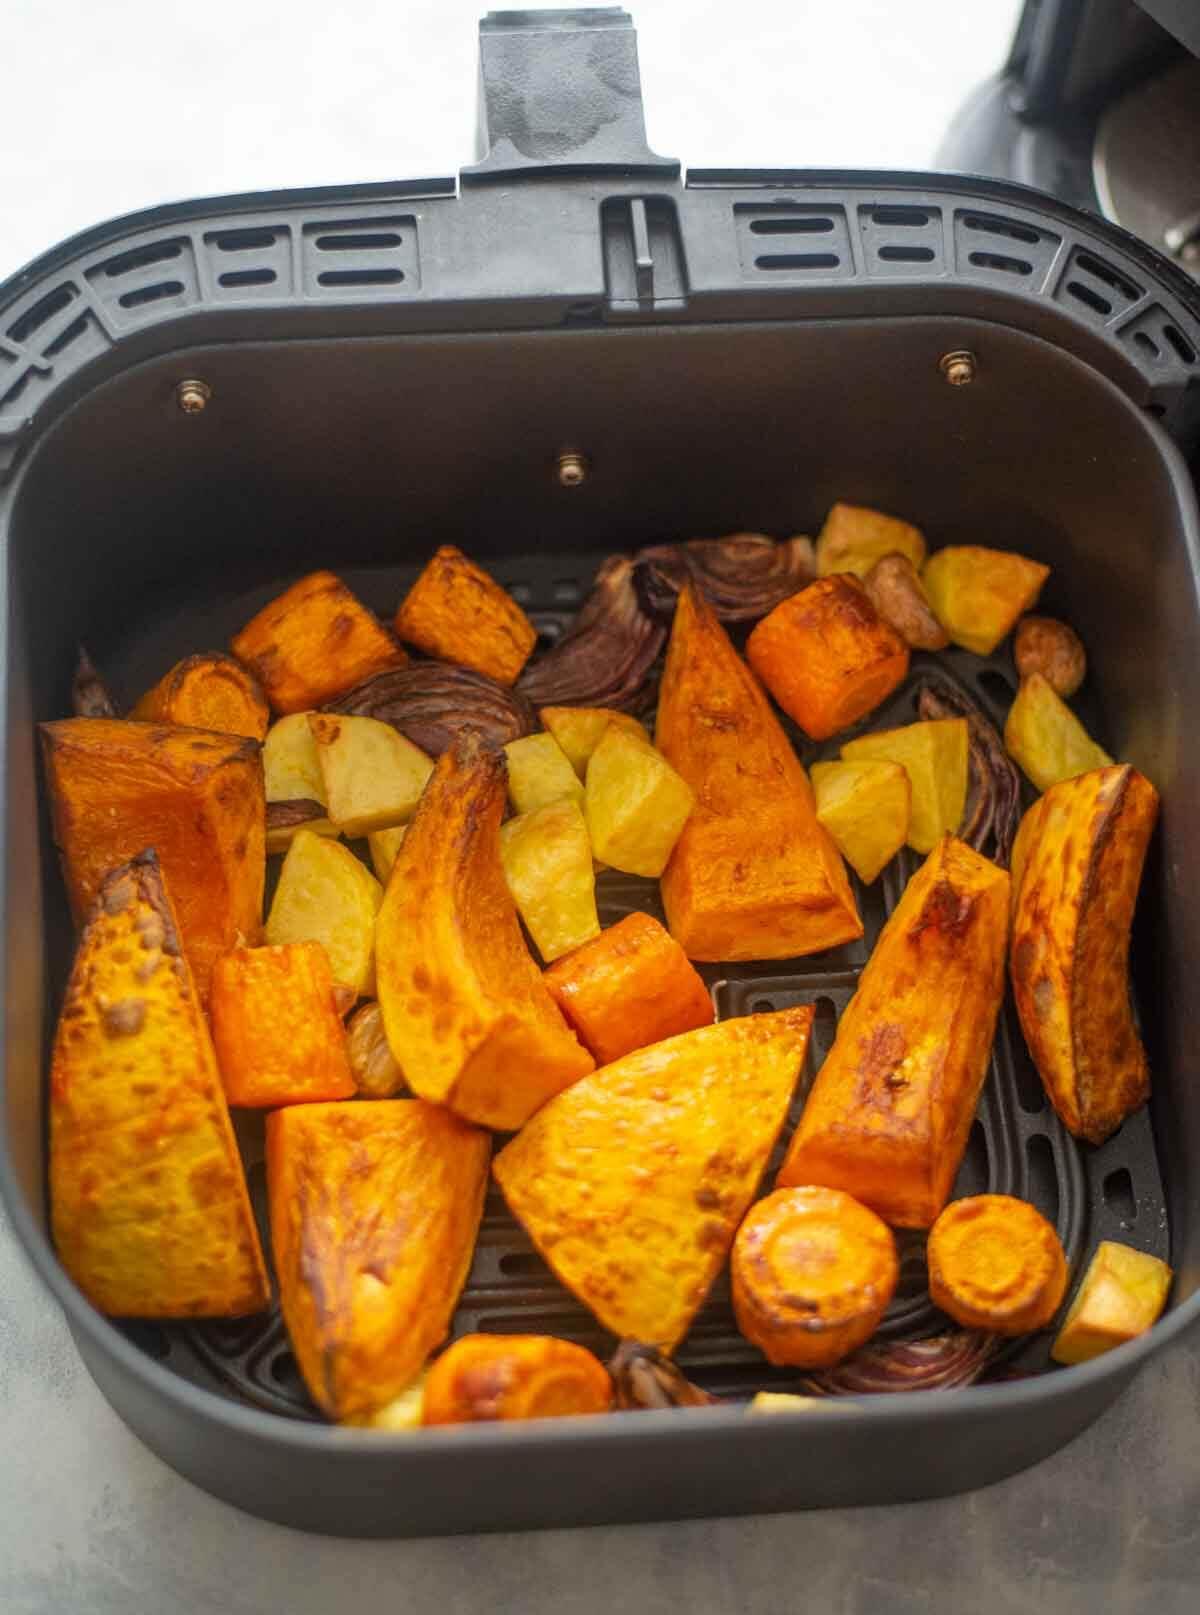 roasted pumpkin and veggies in air fryer basket